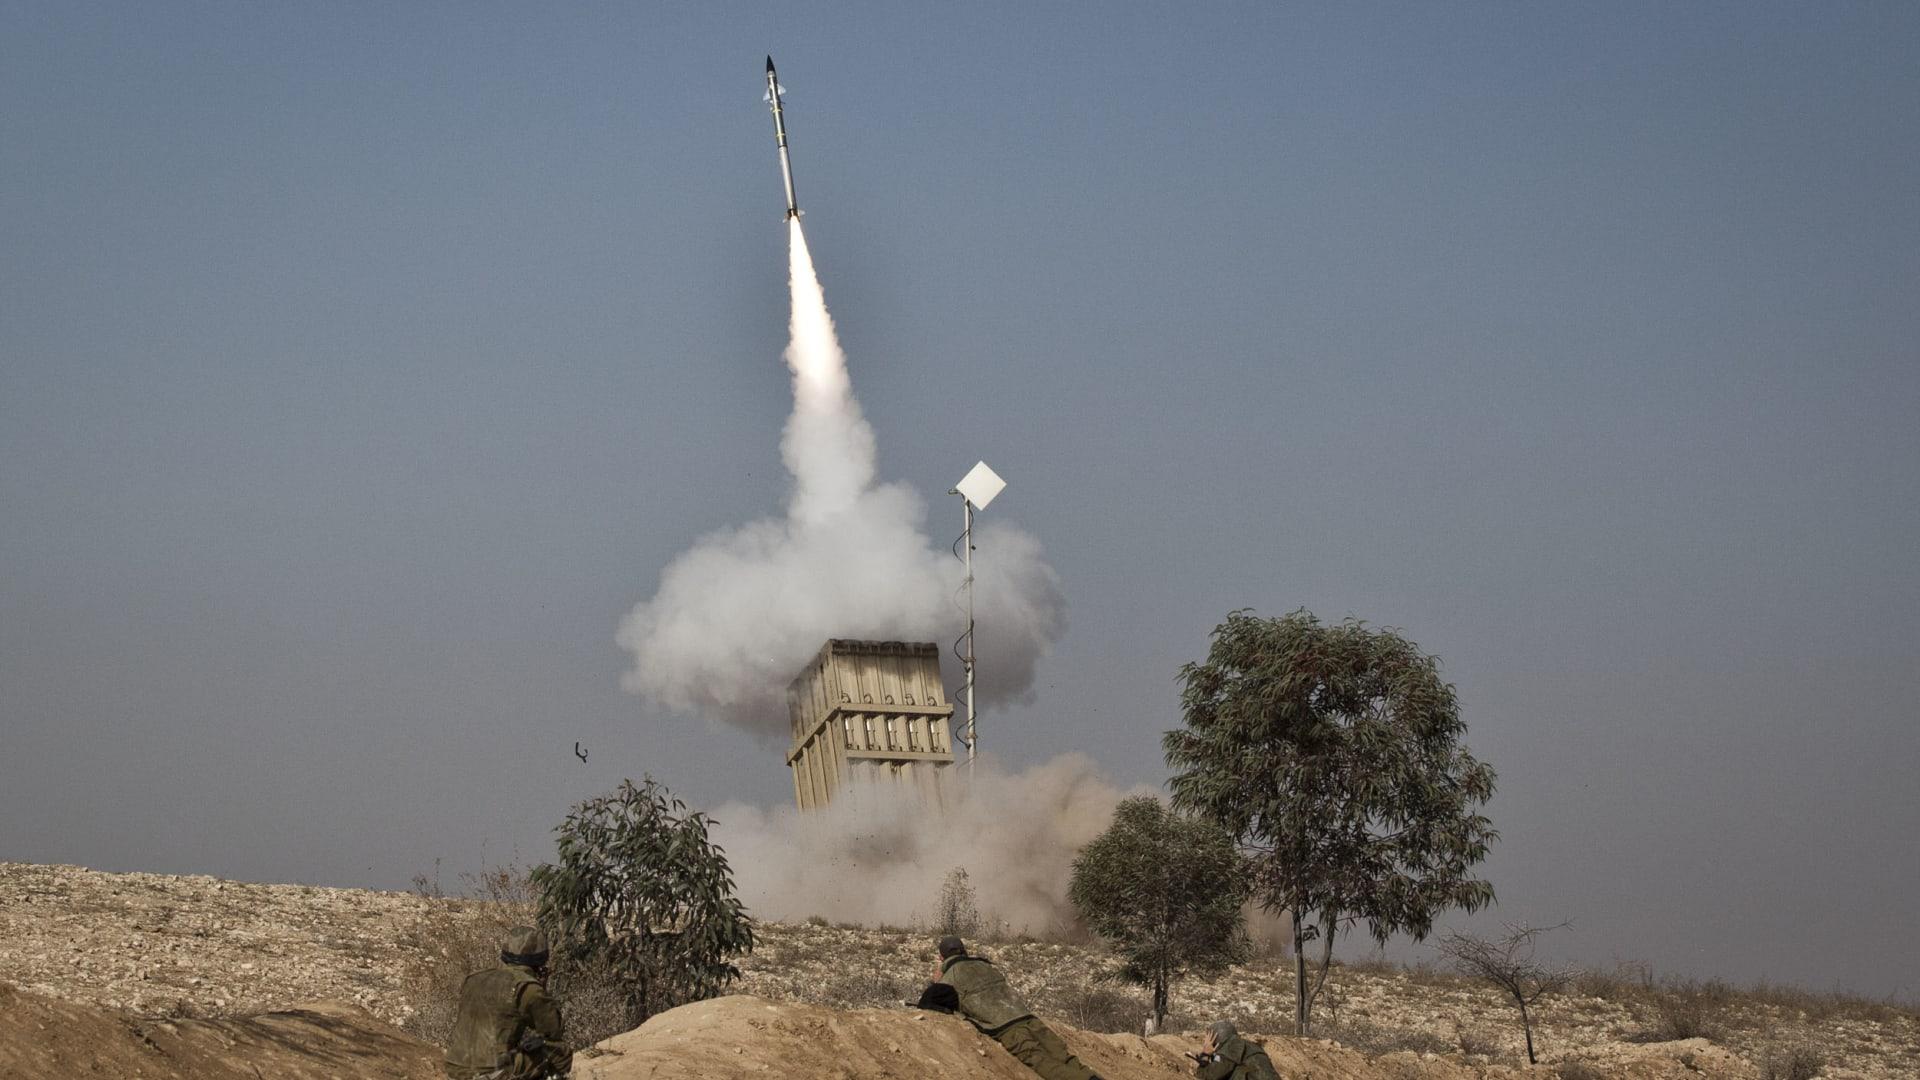 صورة أرشيفية تعبيرية لعملية إطلاق صاروخ ضمن منظومة القبة الحديدية الإسرائيلية